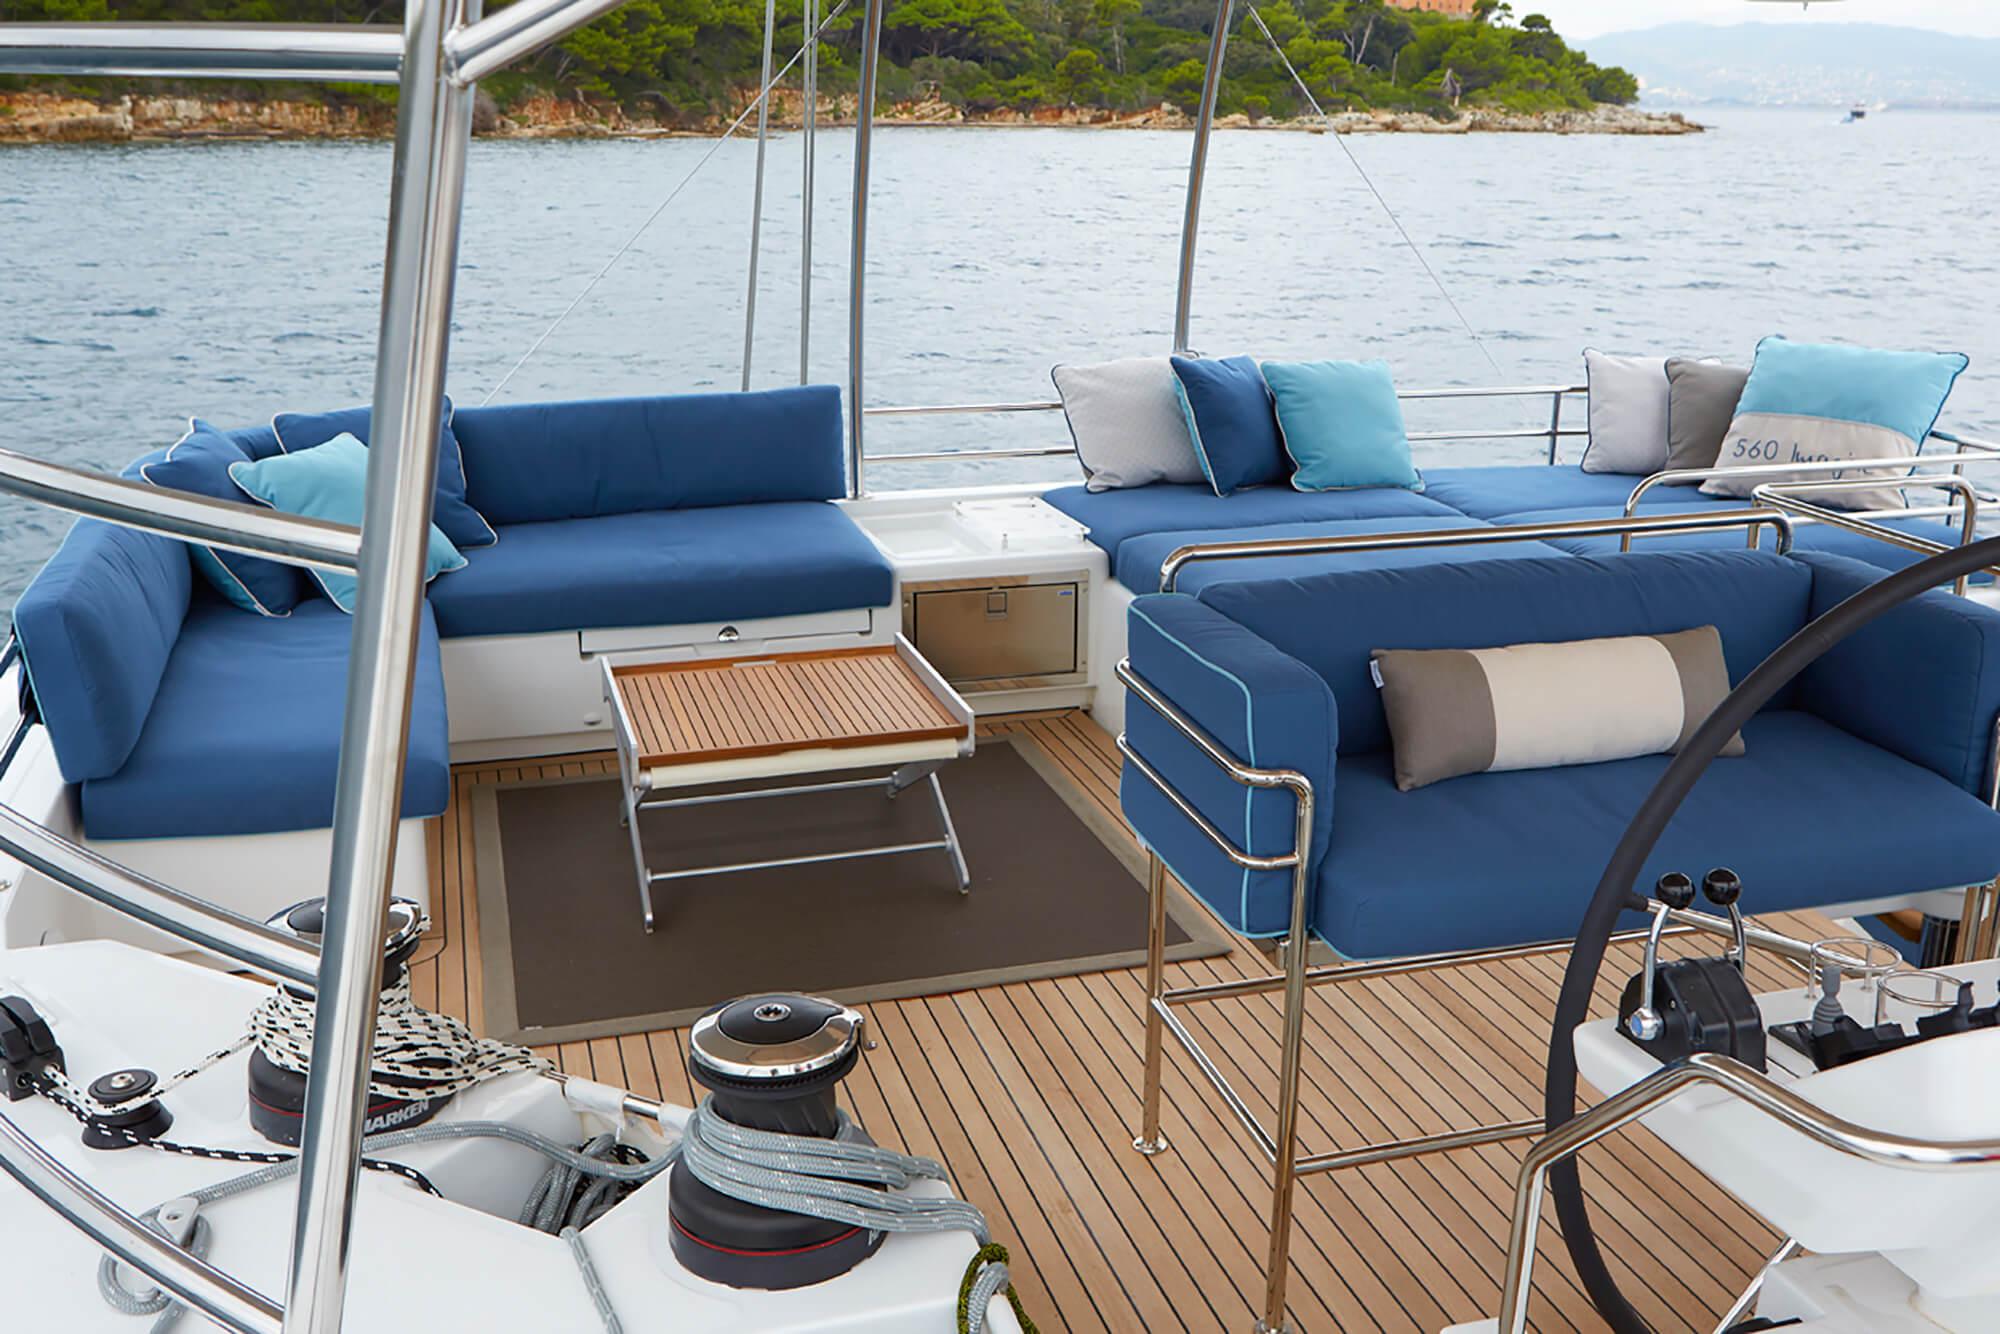 蓝色 Sunbrella 家具装饰织物的船用坐垫